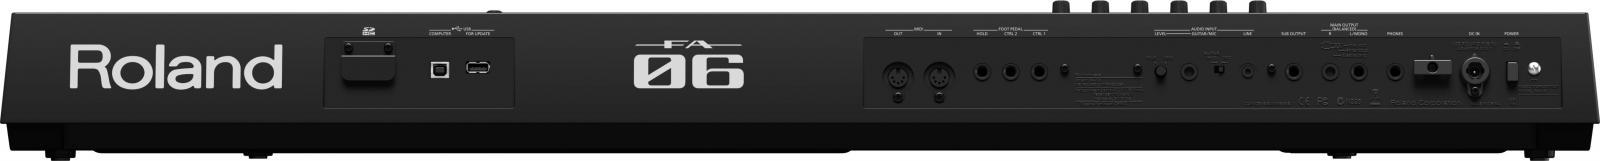 Roland FA-06 còn có thế kết nối với máy tính để truy cập vào thế giới âm thanh phong phú